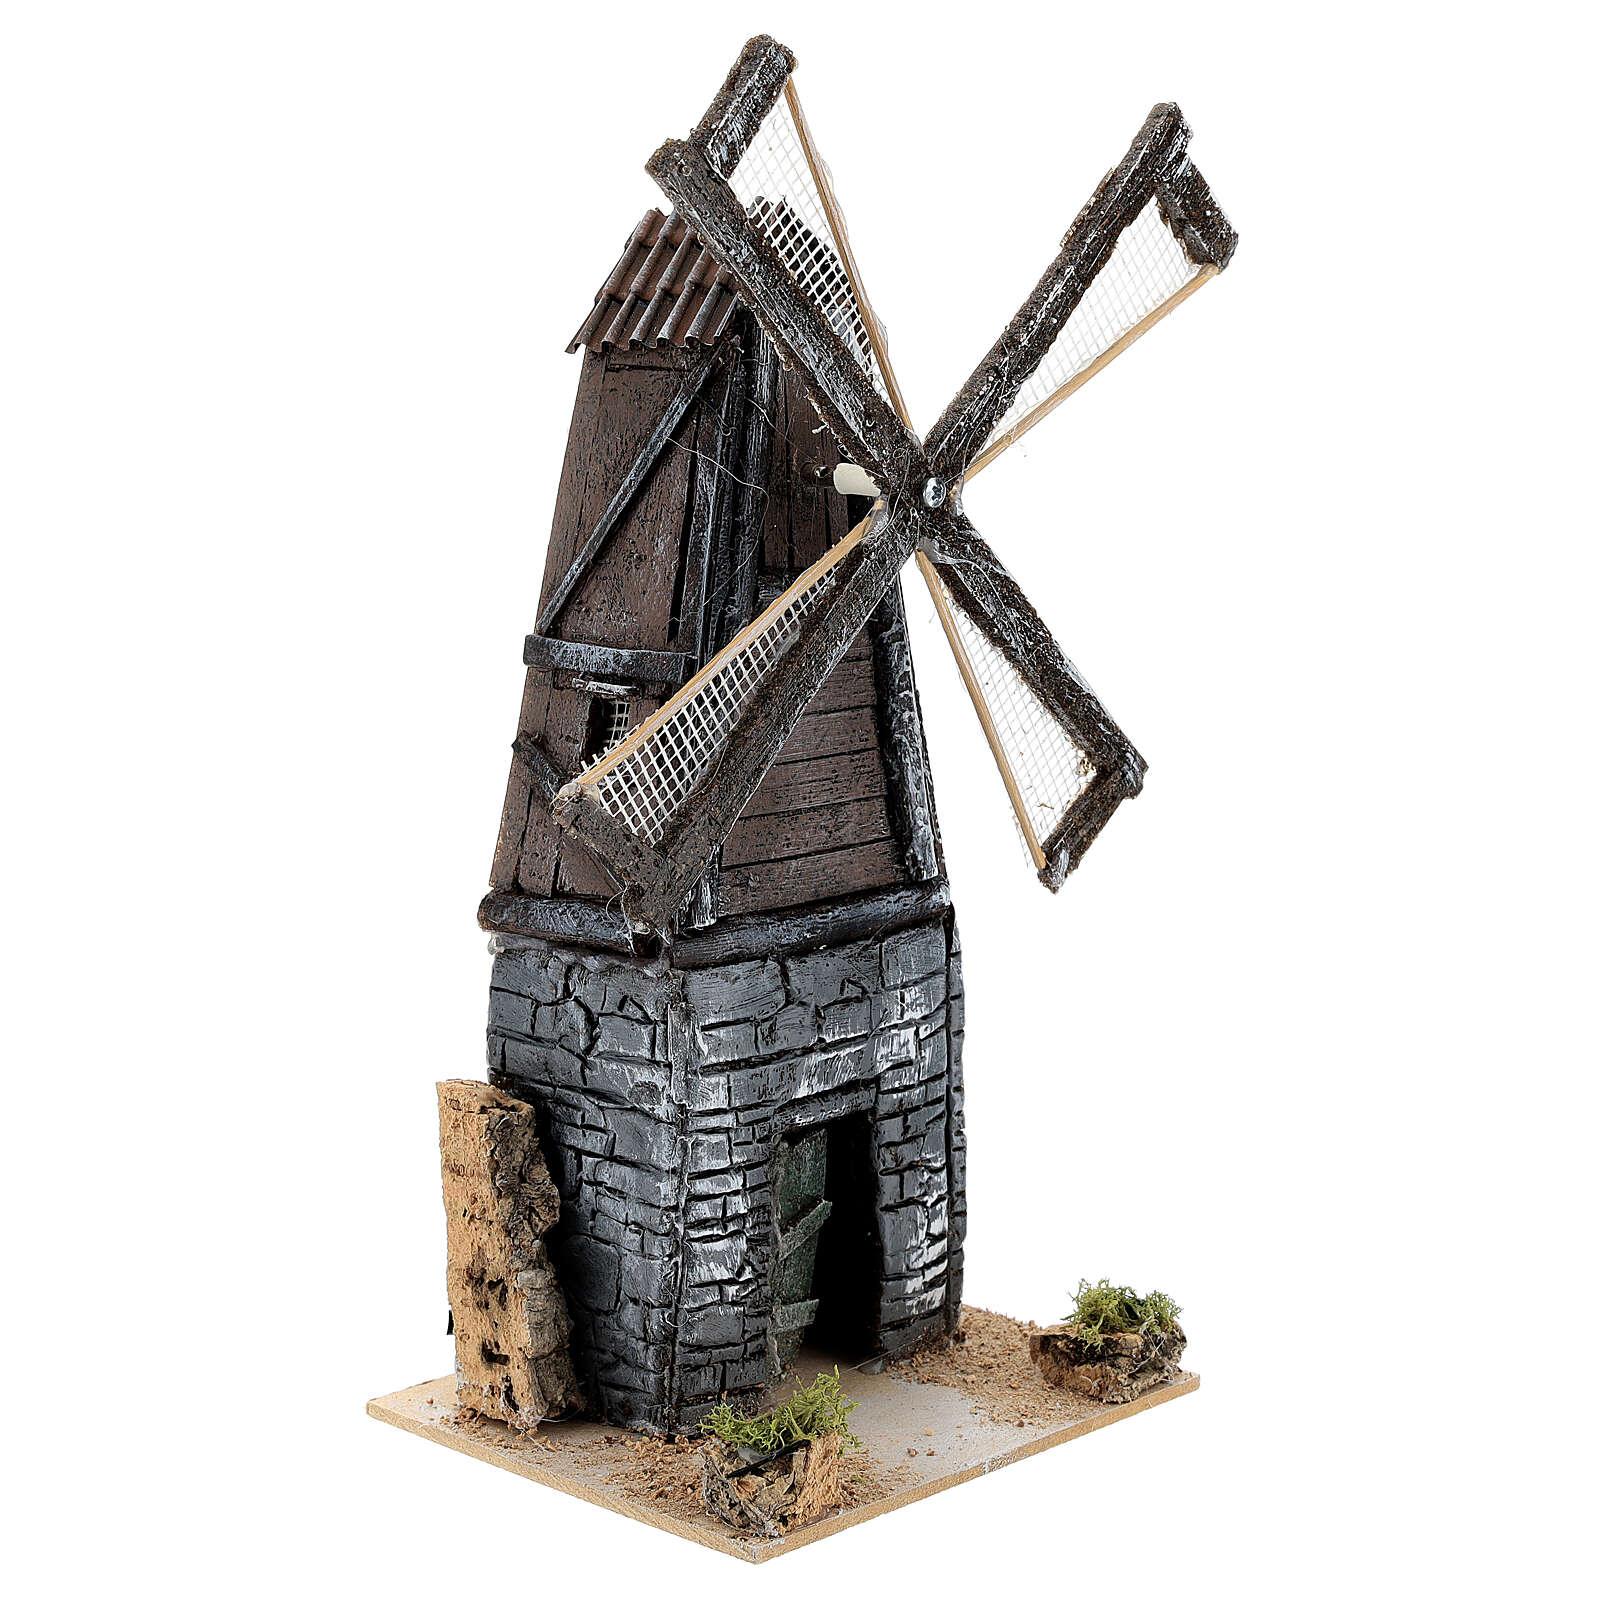 Moulin électrique crèche 4-6 cm 20x10x15 cm résine 4